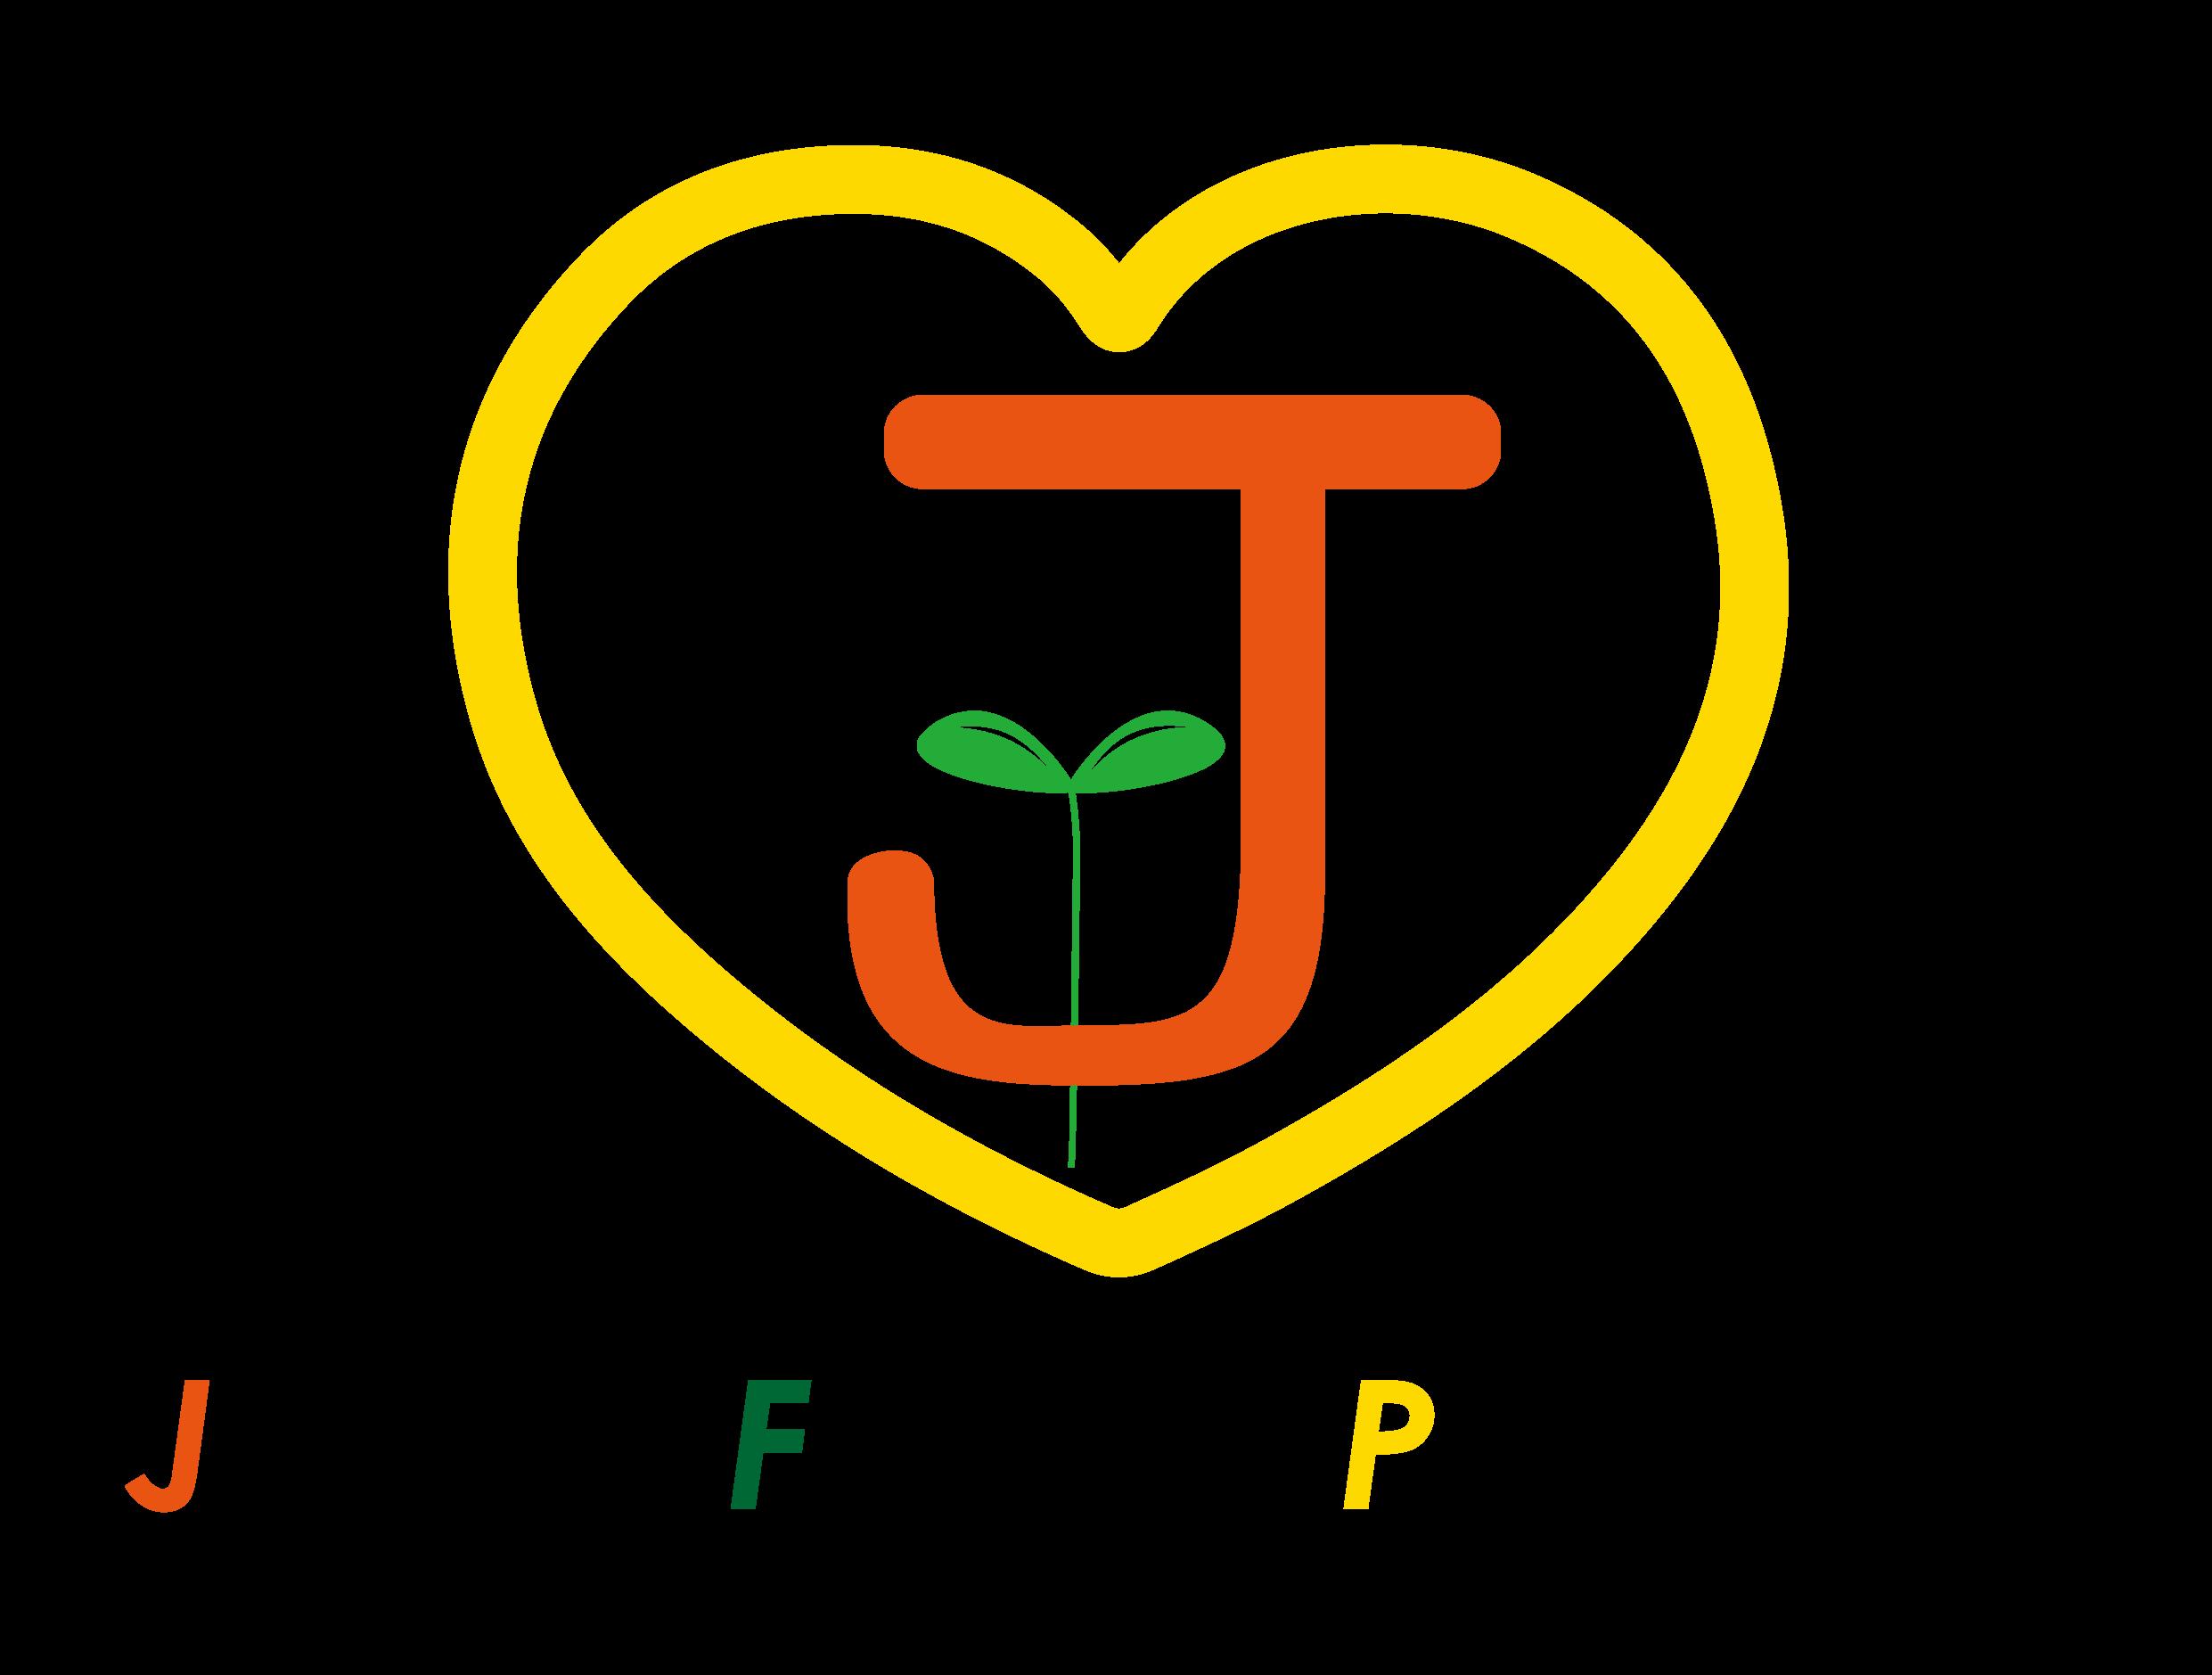 一般社団法人JFP協会